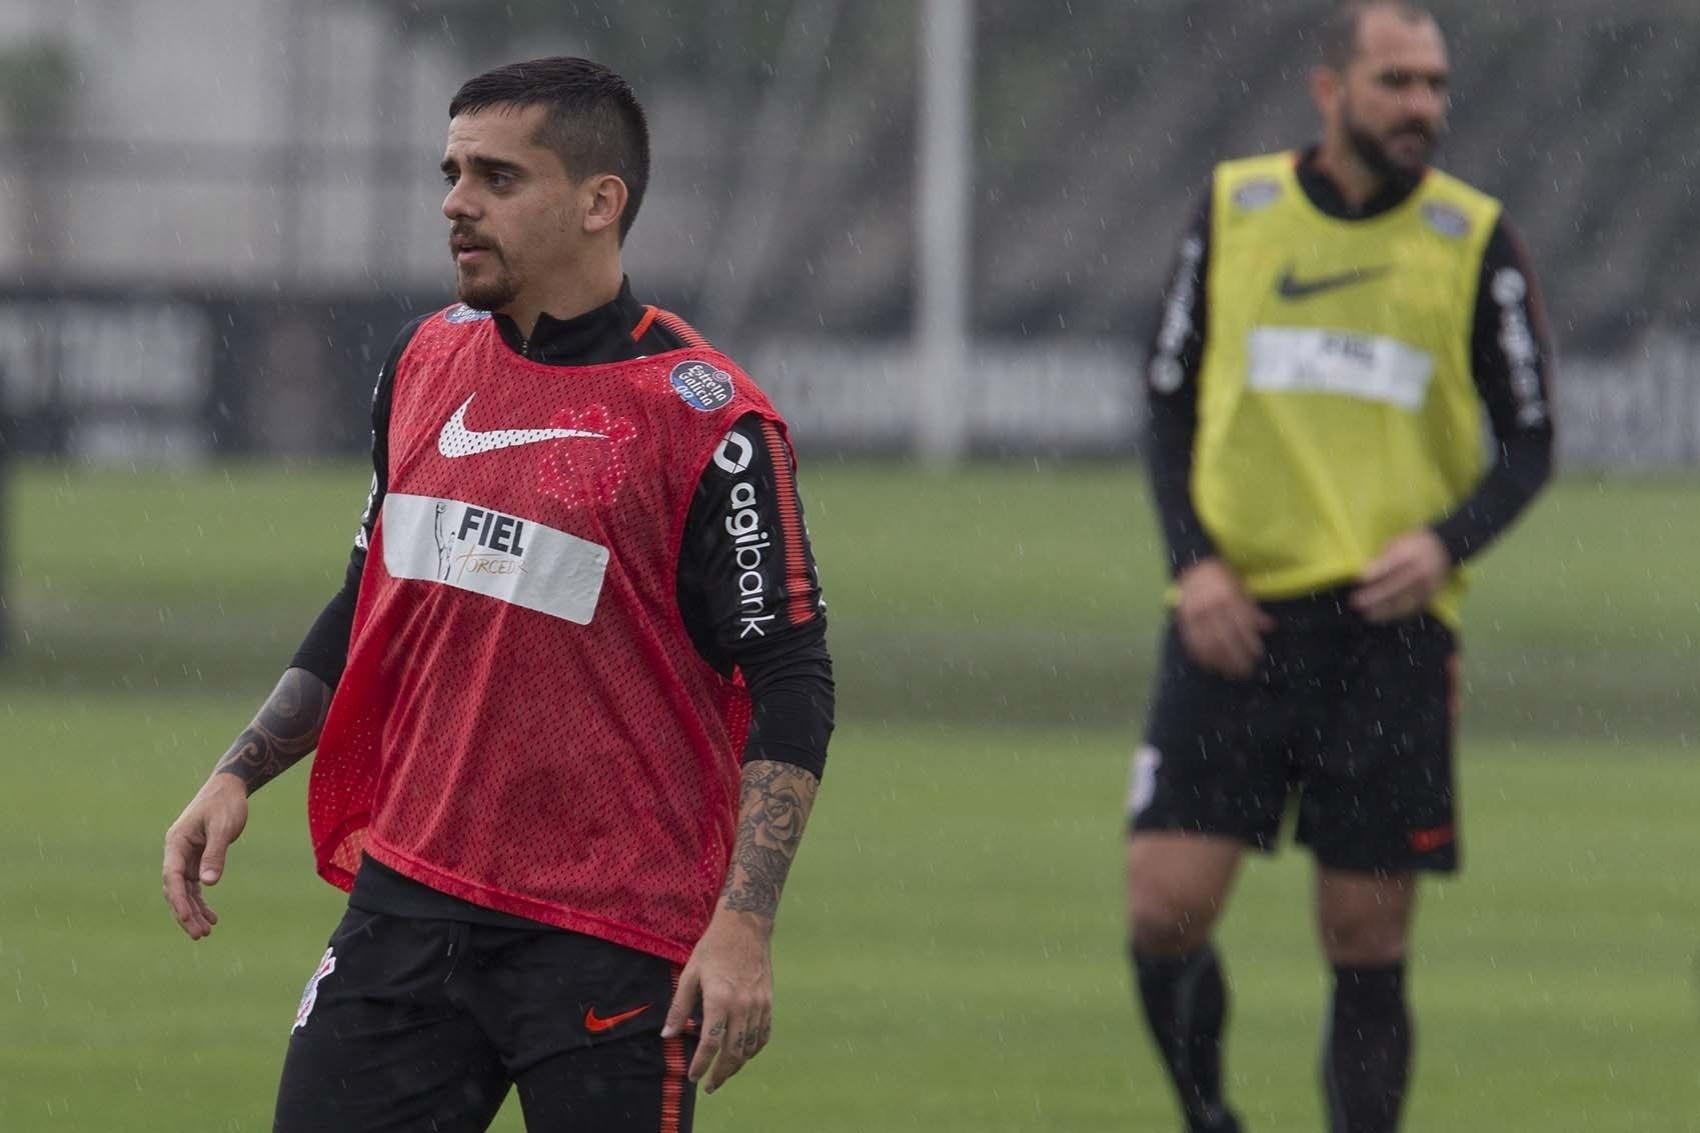 a71428004f Jair escala Fagner em treino e encaminha time do Corinthians para a decisão  - 09 10 2018 - UOL Esporte